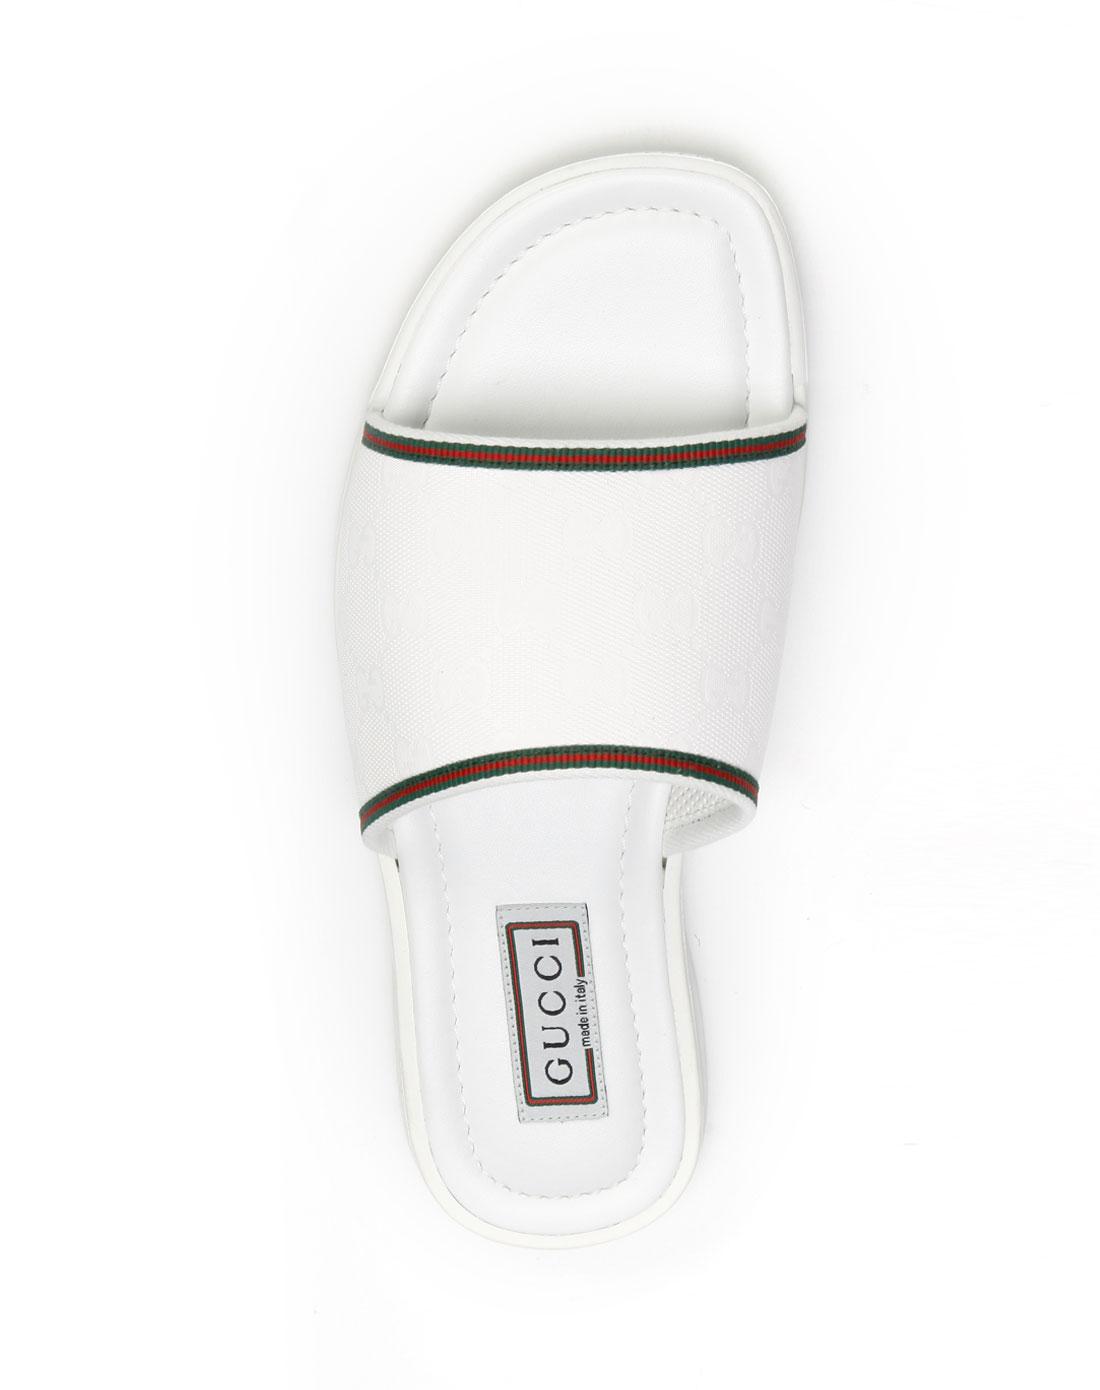 尊尚名品专场gucci 男款白色压纹休闲拖鞋236613